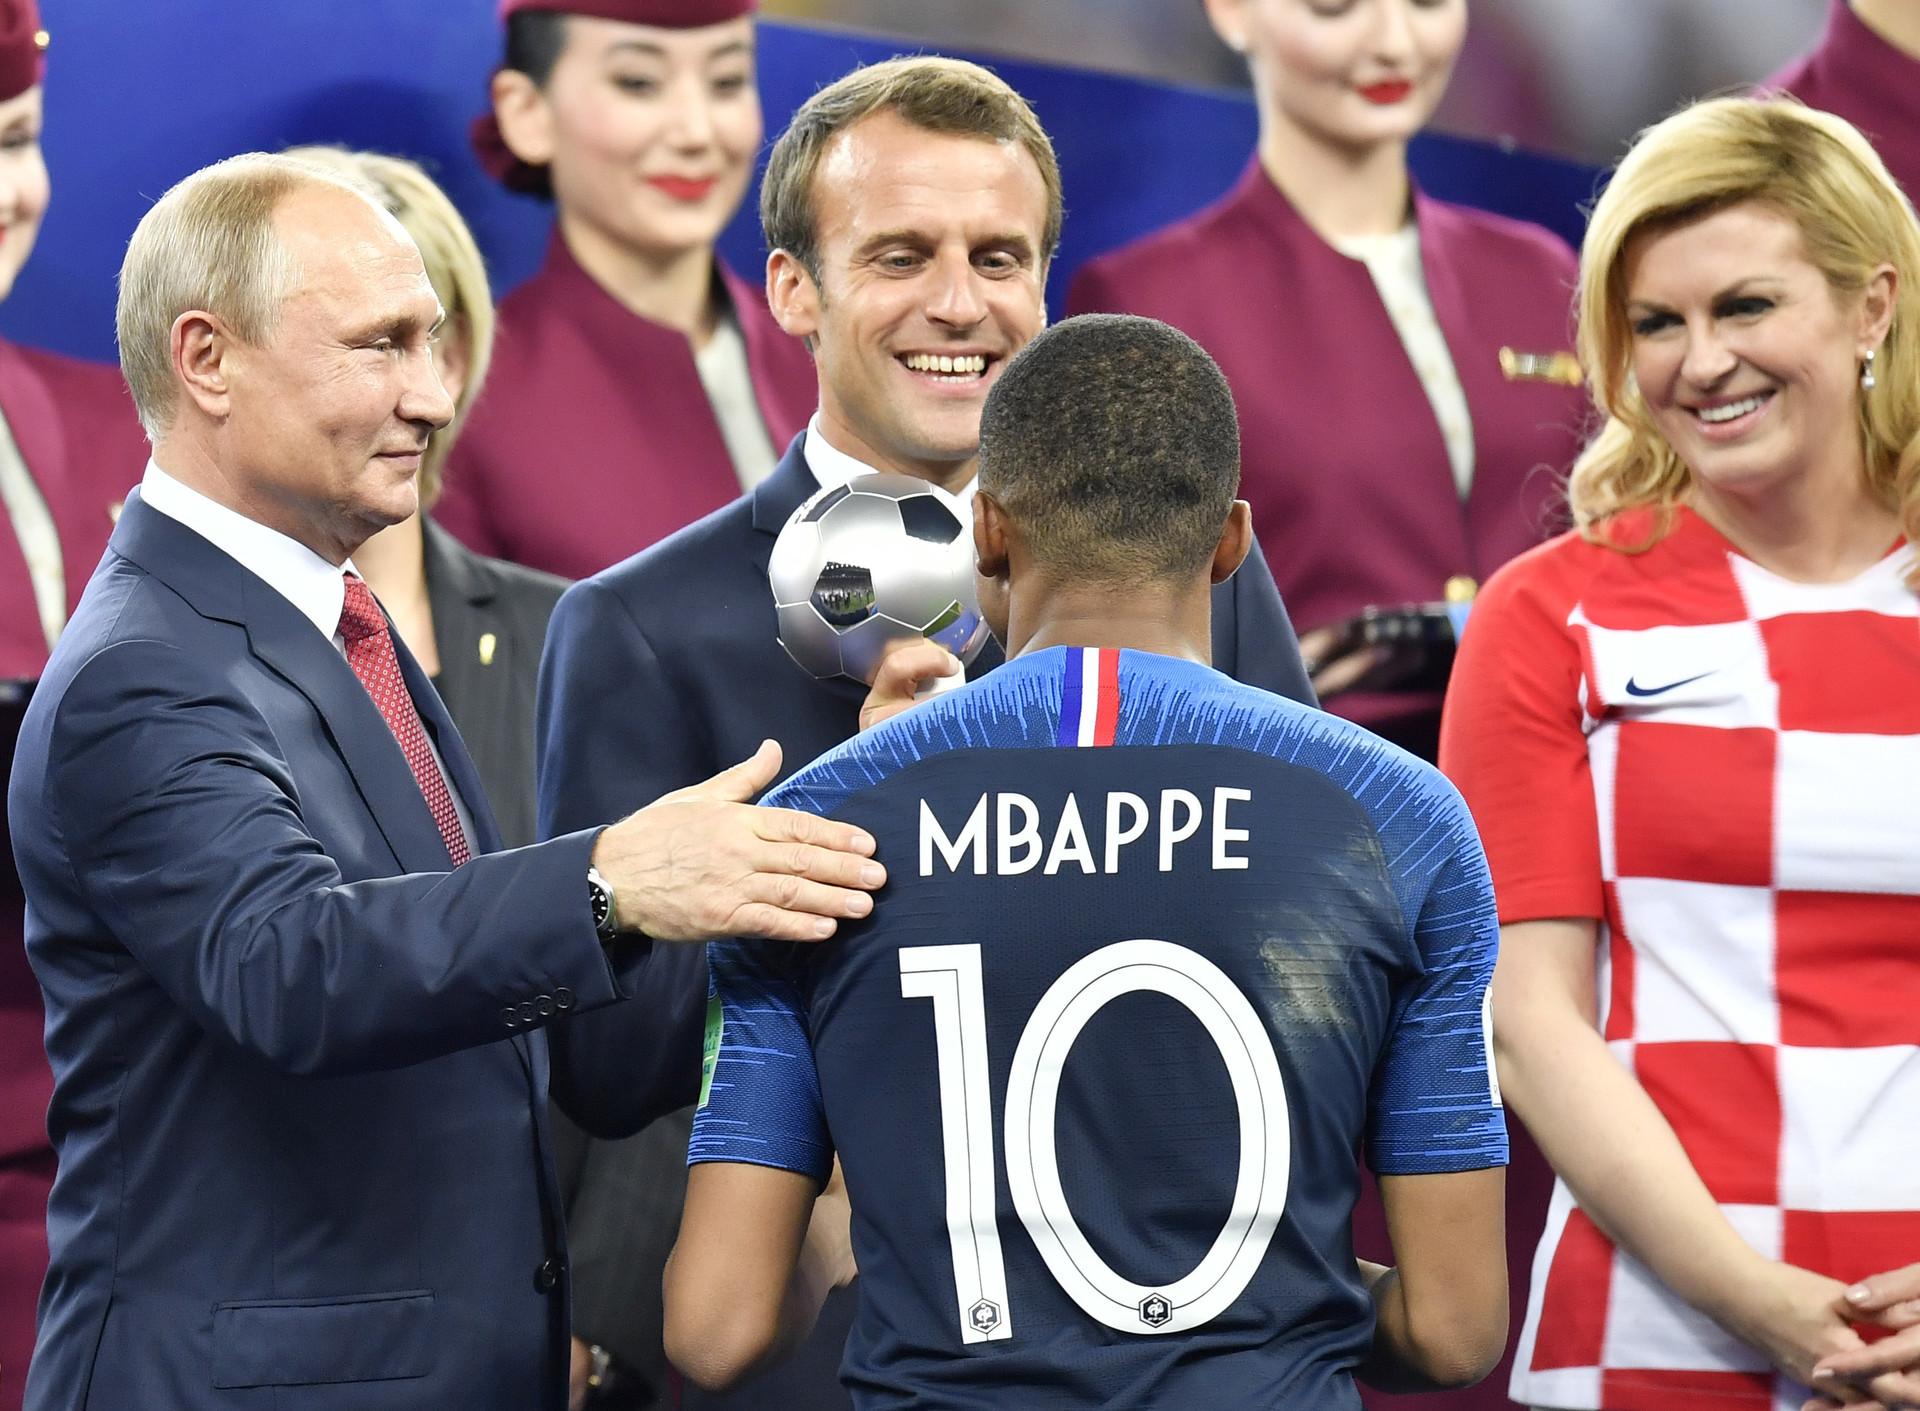 Dari kiri ke kanan: Presiden Rusia Vladimir Putin, Presiden Prancis Emmanuel Macron, dan Presiden Kroasia Kolinda Grabar-Kitarovic memberikan penghargaan kepada pemain Prancis Kylian Mbappe sebagai pemain muda terbaik setelah Prancis memenangkan Piala Dunia, Minggu (15/7).